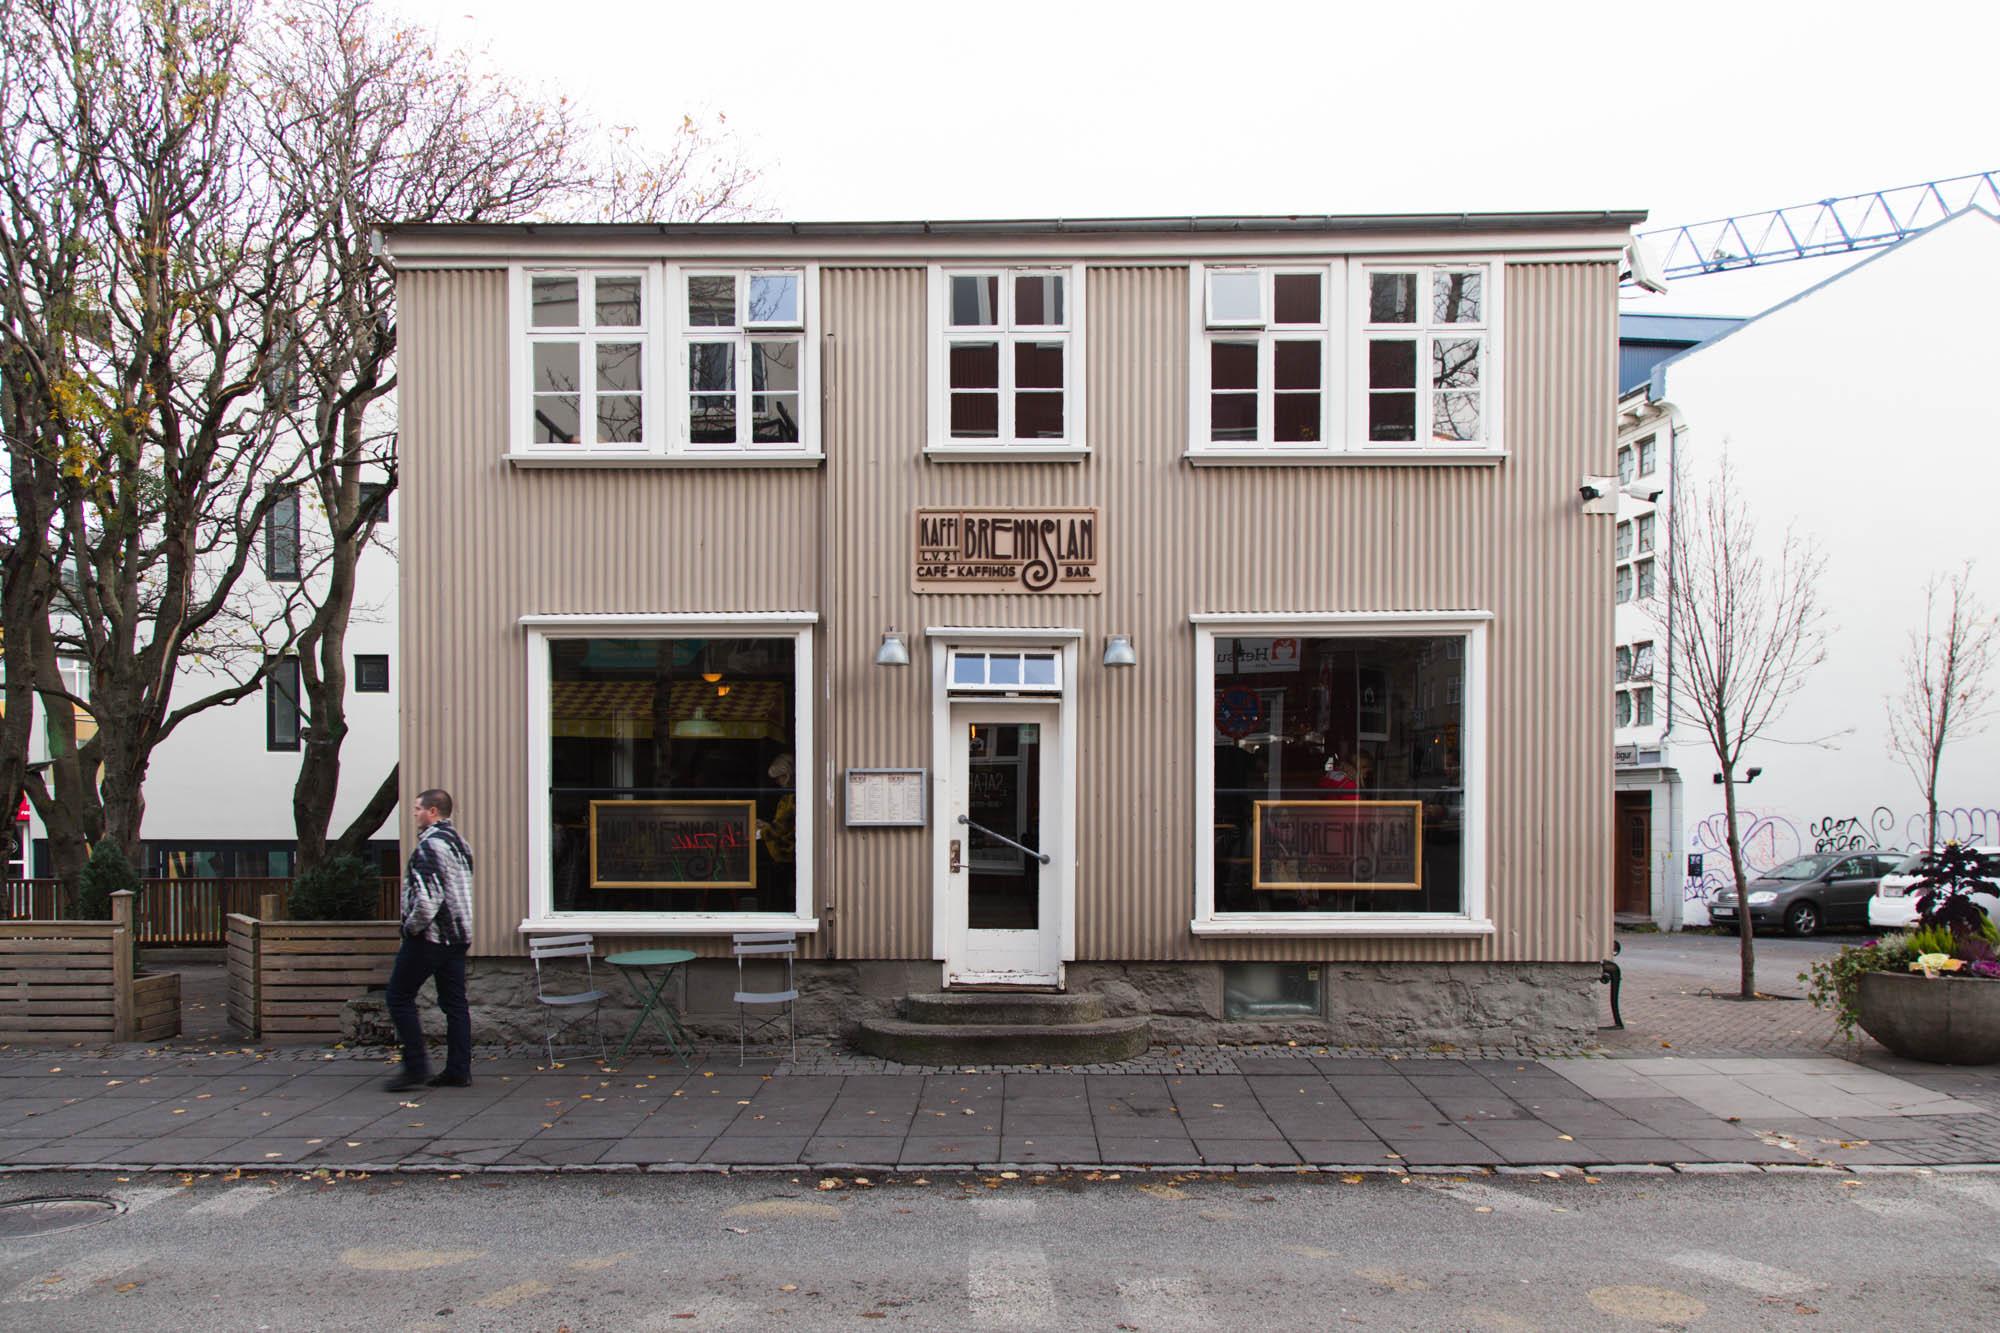 Kaffibrennslan Reyjavík